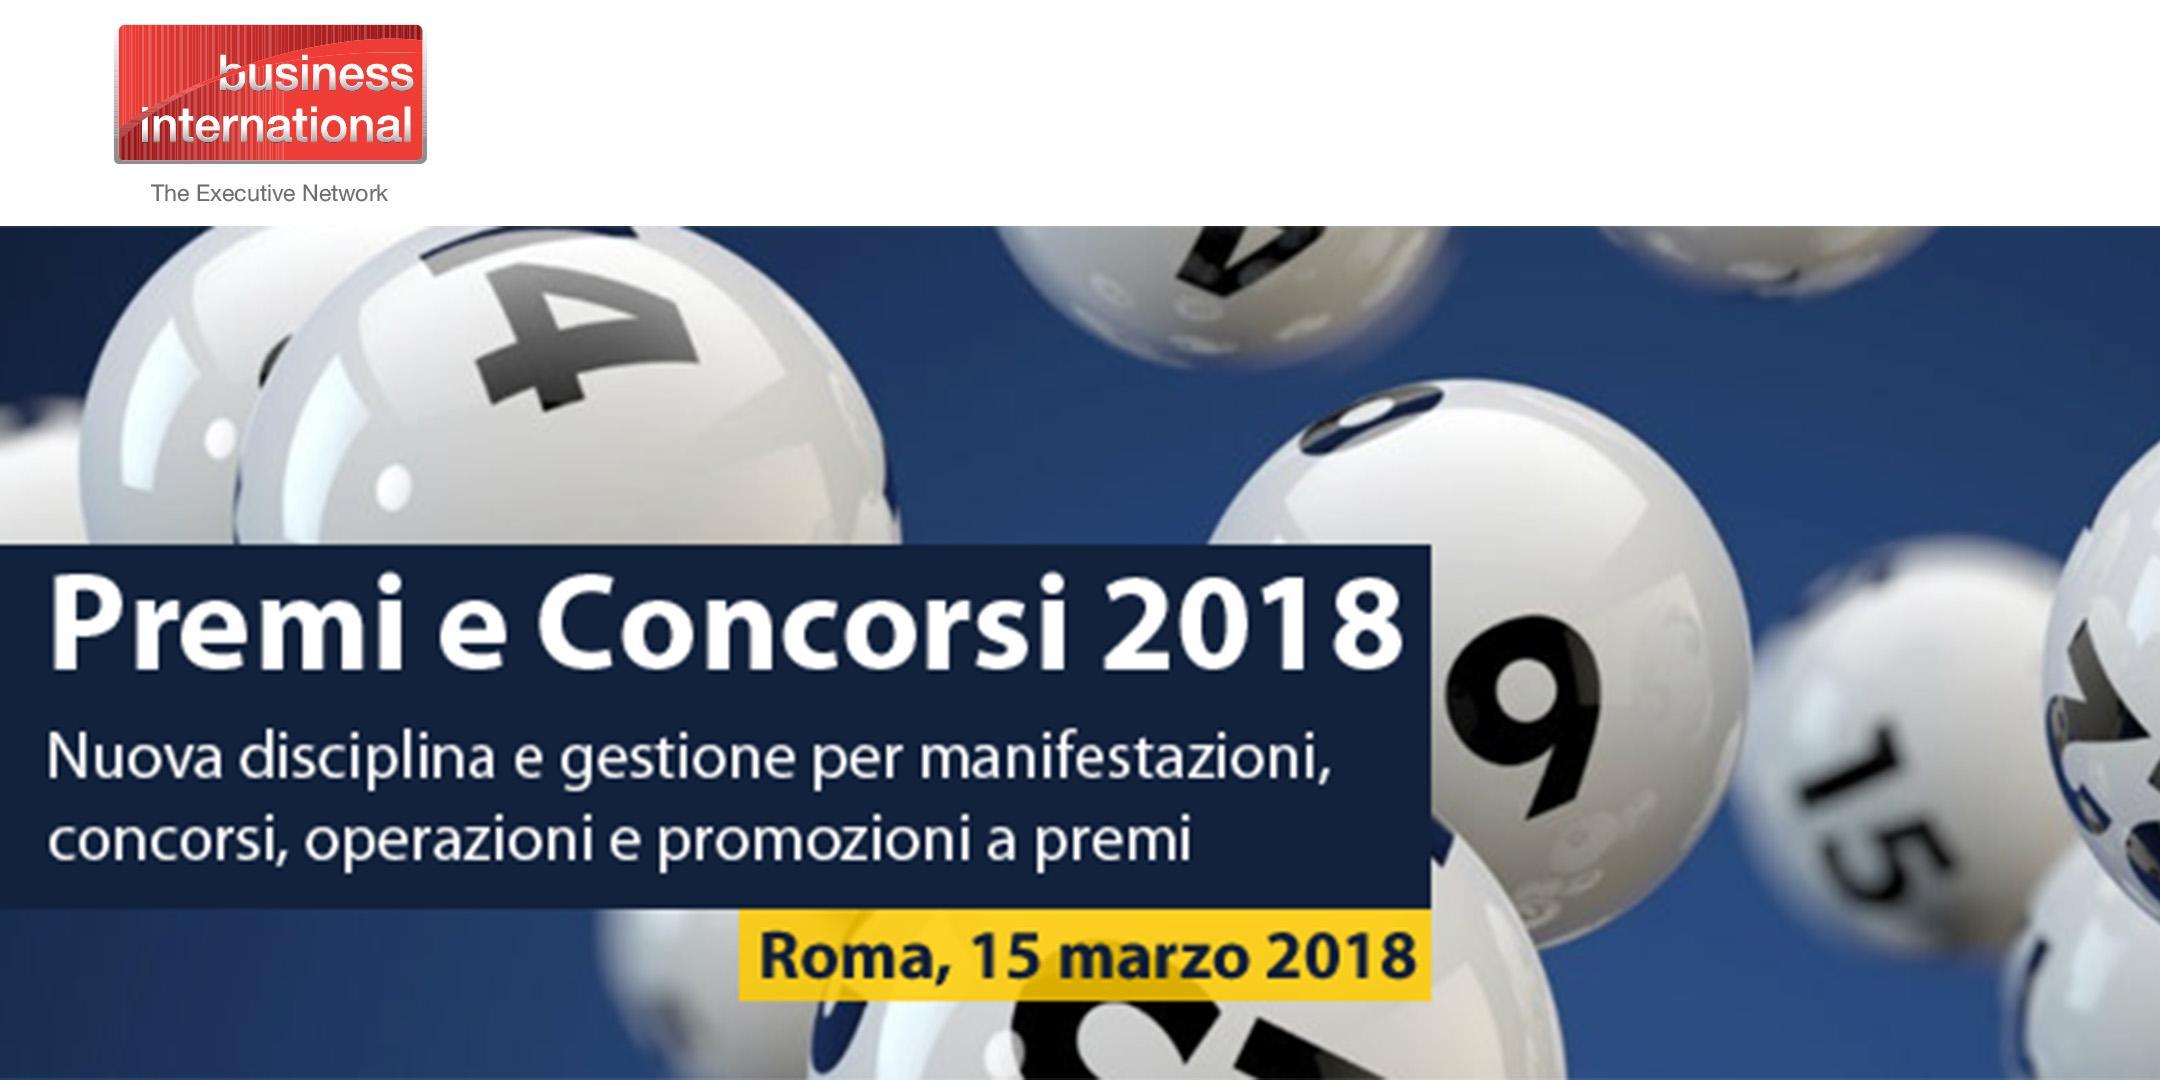 Premi e Concorsi 2018